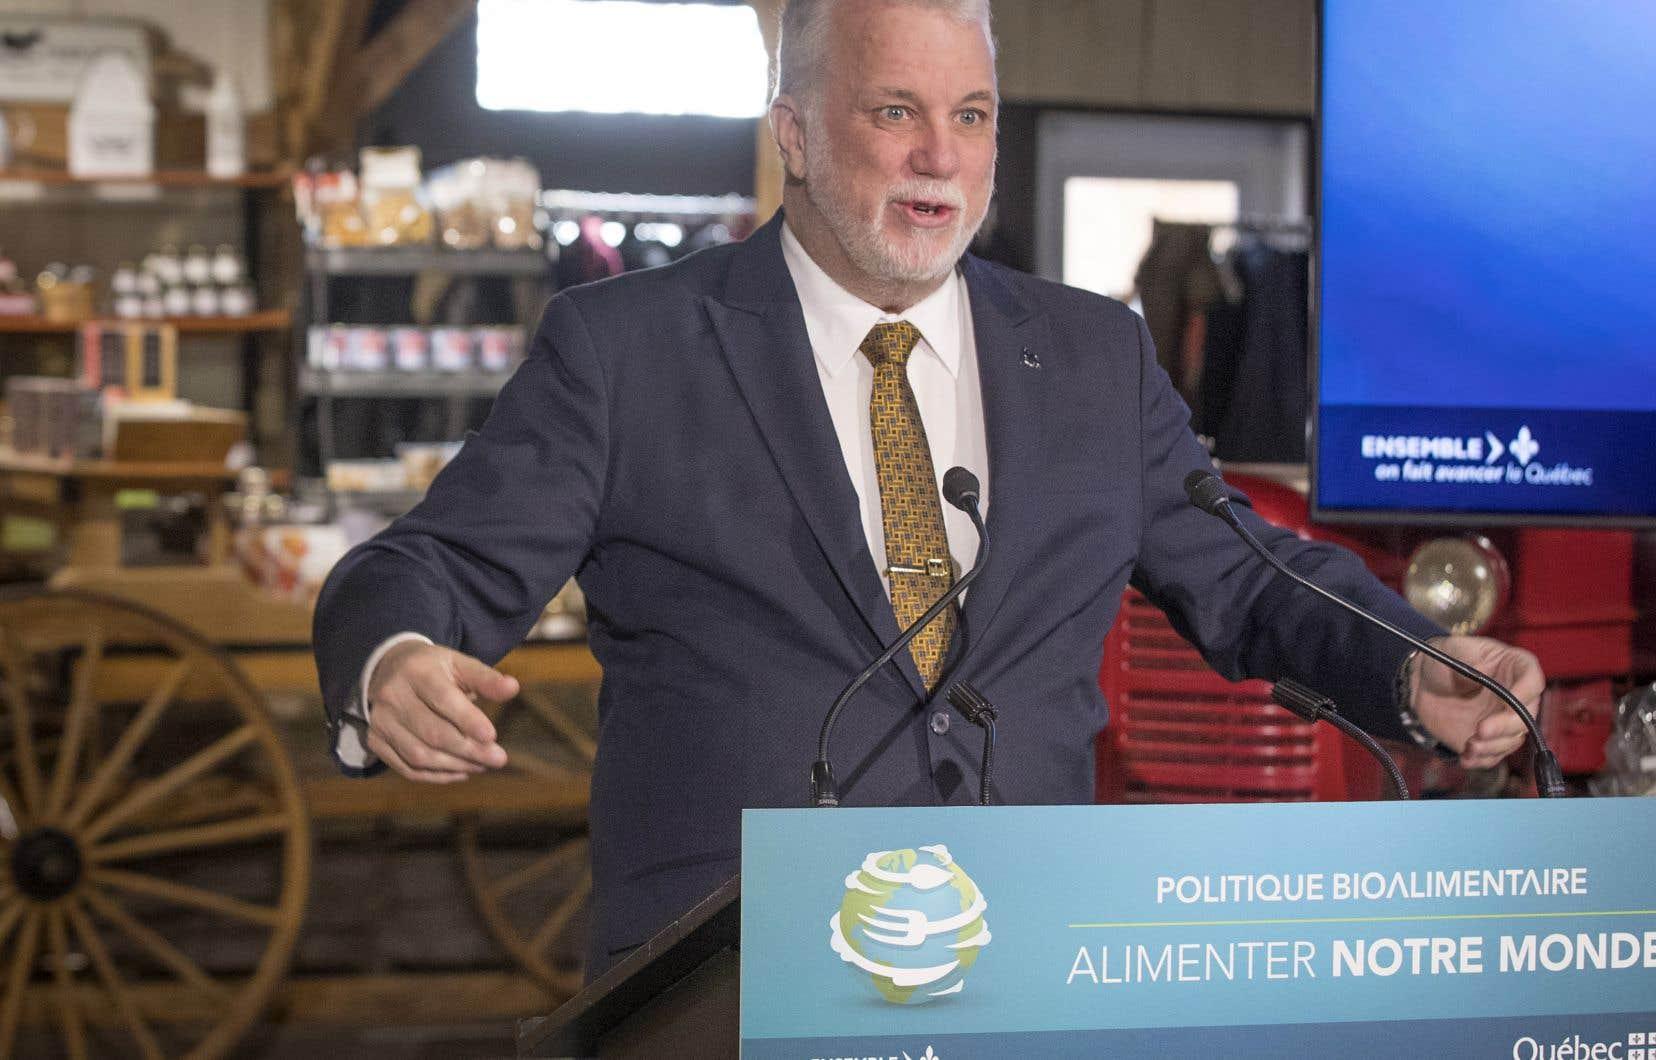 Le premier ministre Philippe Couillard lors de l'annonce de la nouvelle politique bioalimentaire.